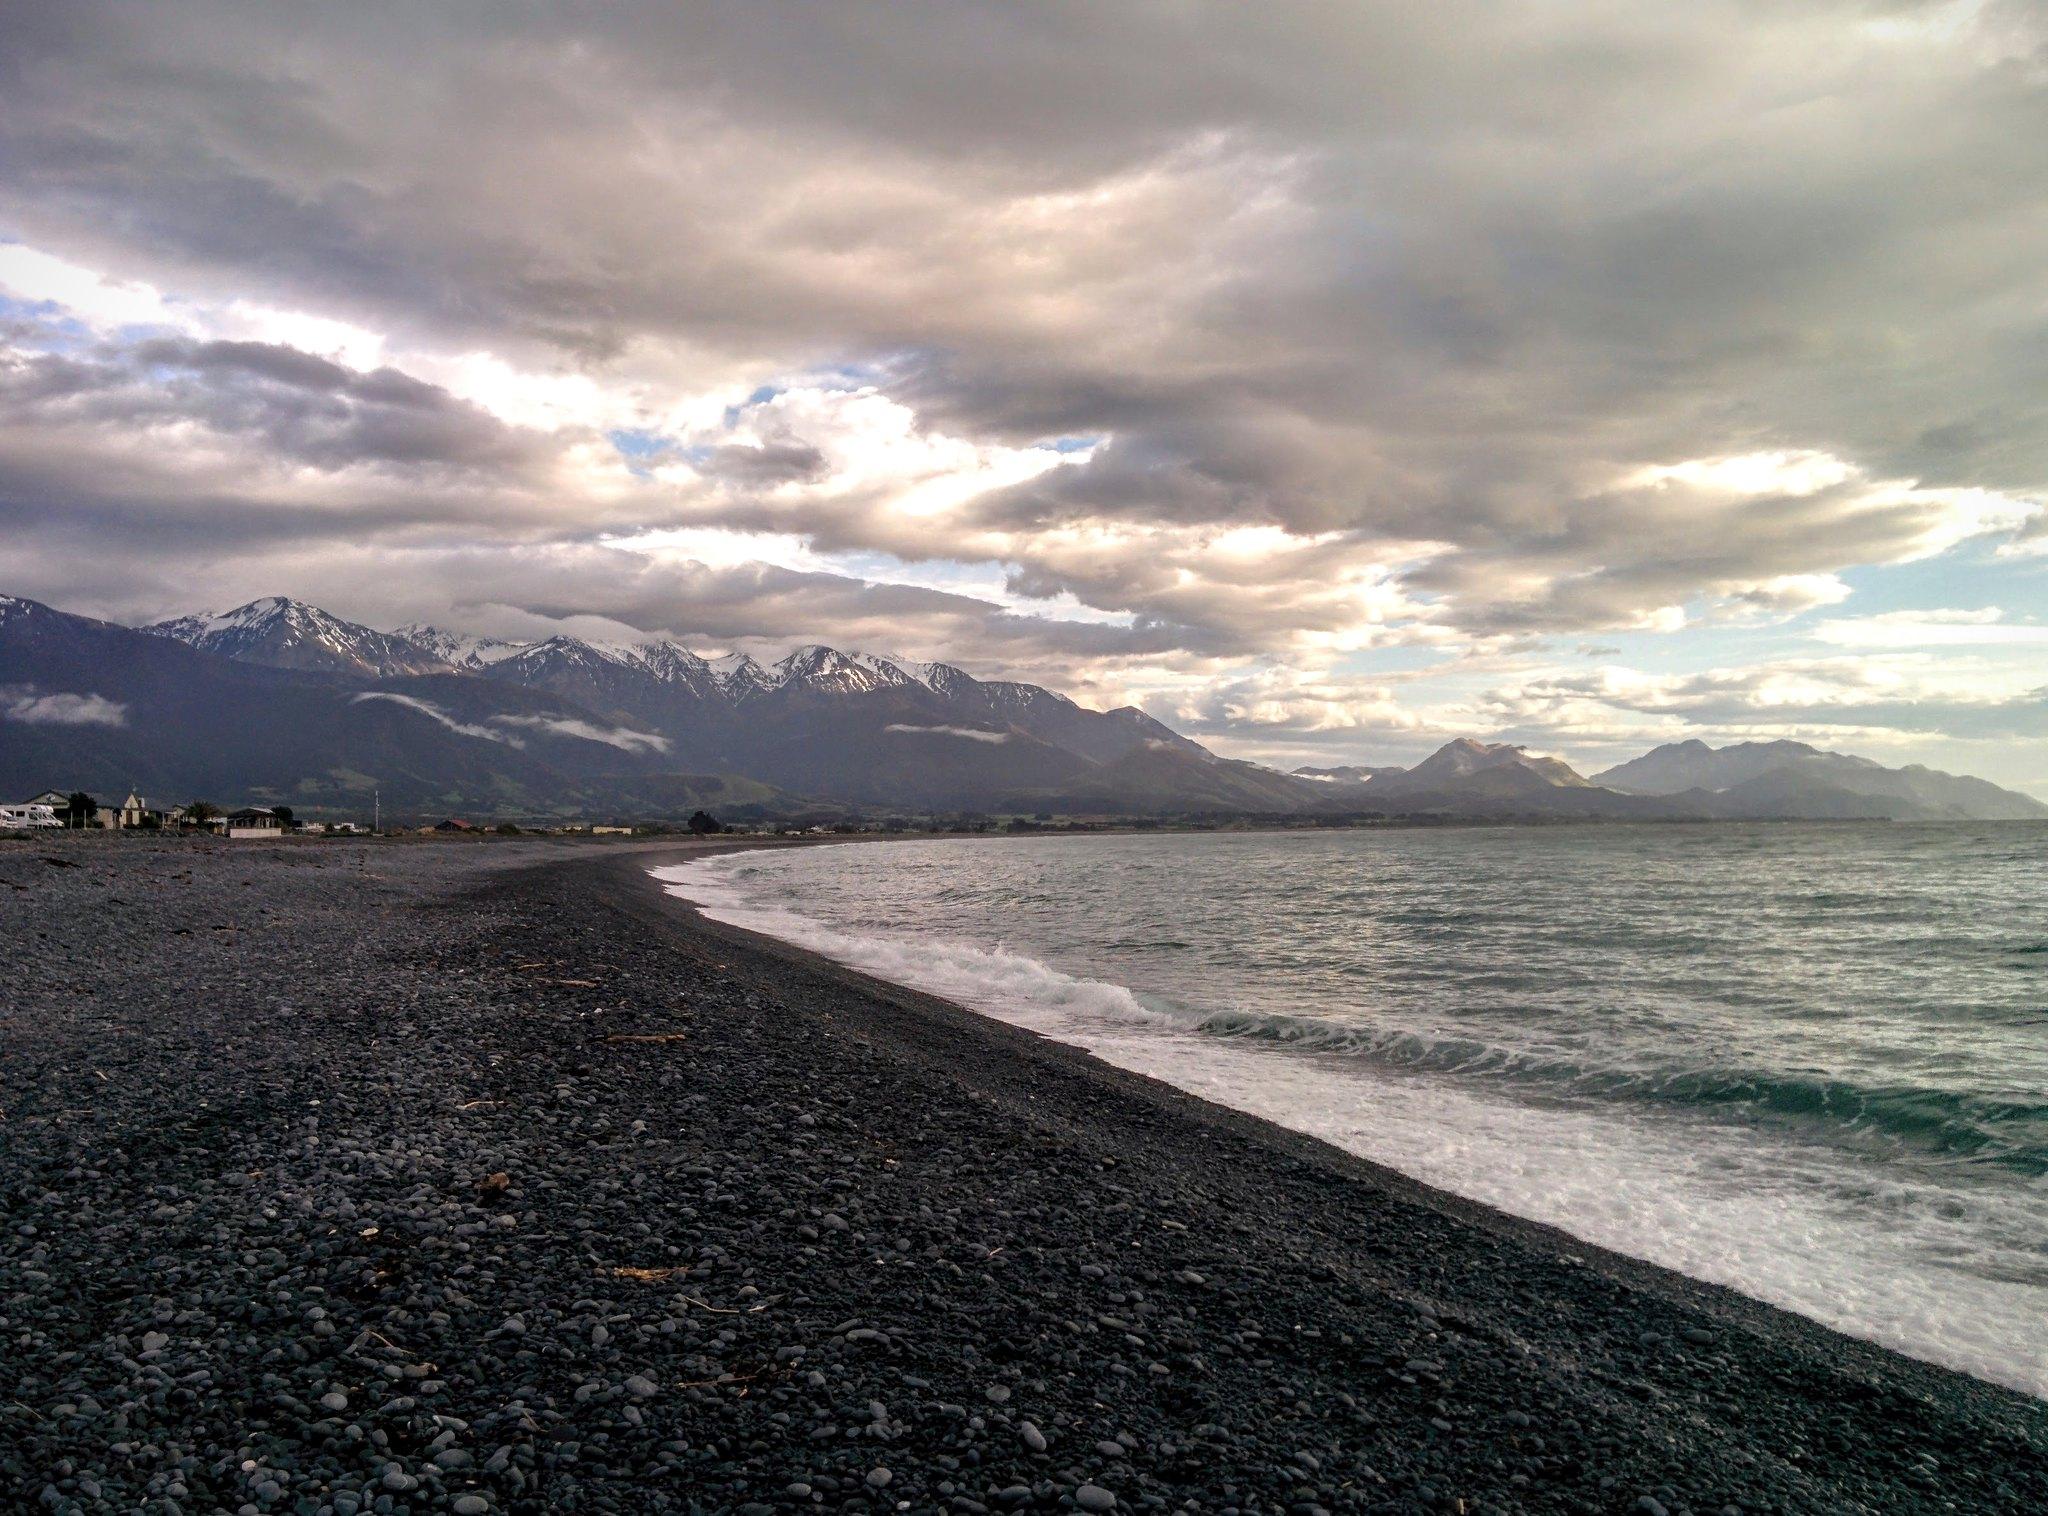 The snowy mountains over Kaikoura